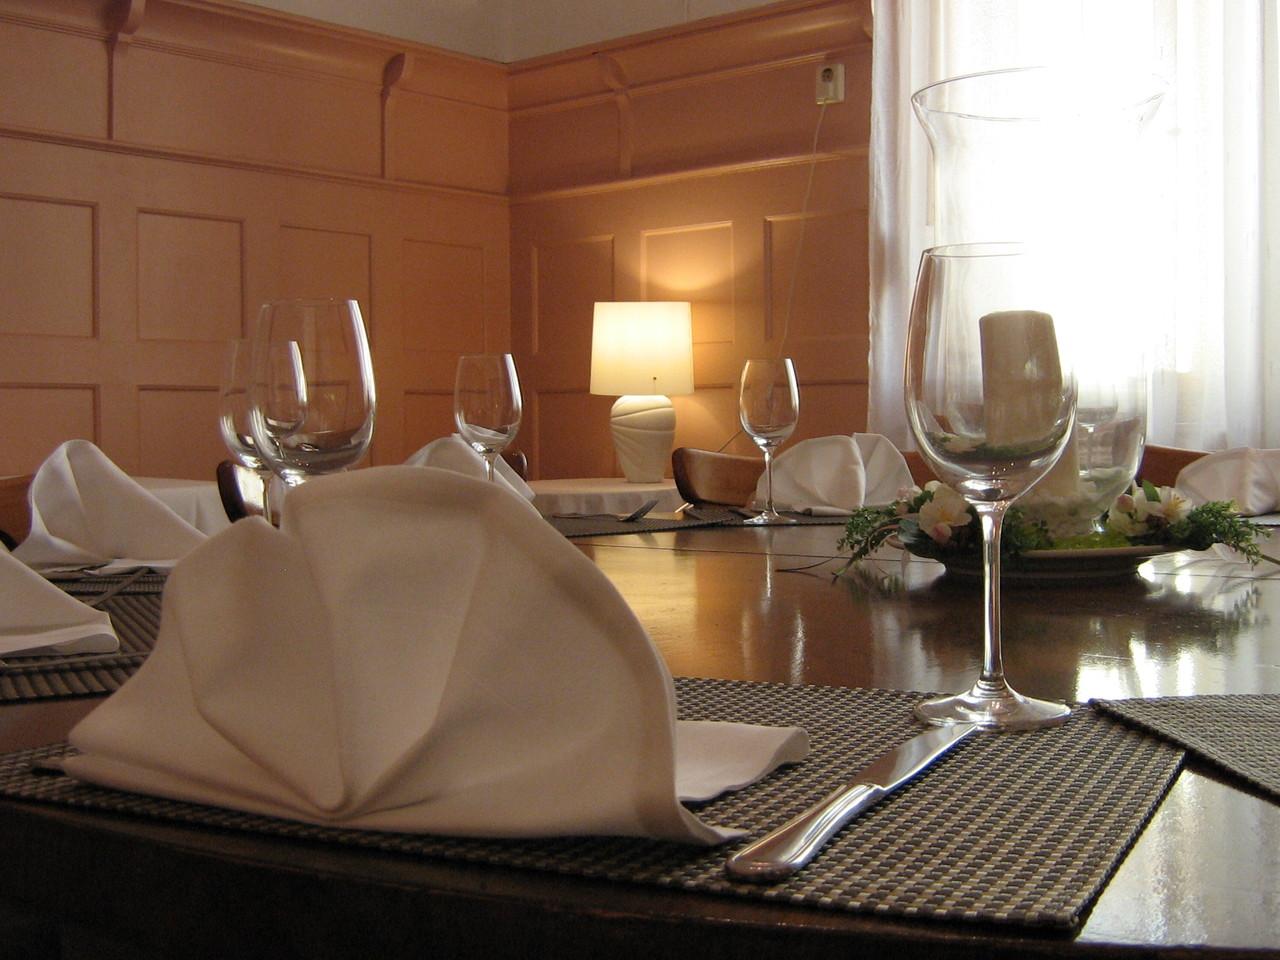 Nebenzimmer Tisch Gedeck